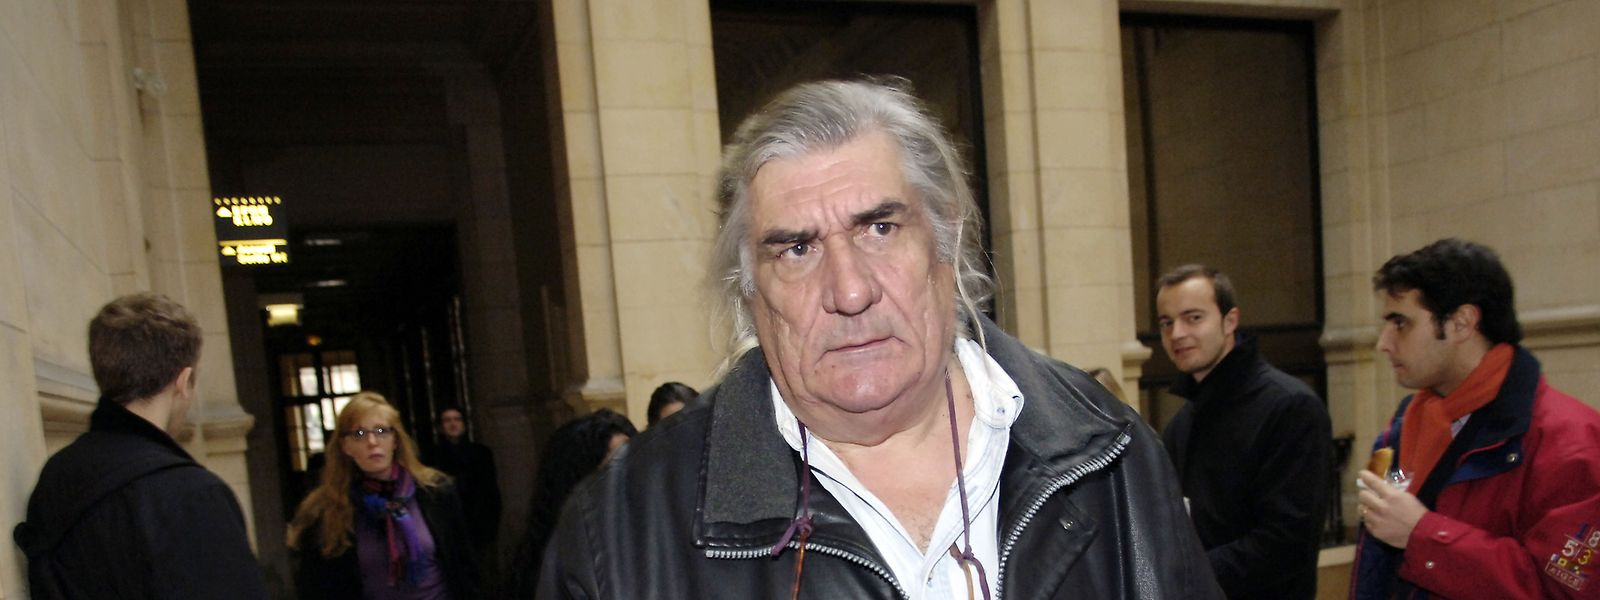 Le réalisateur et scénariste Jean-Claude Brisseau est mort dans un hôpital des suites d'une longue maladie.